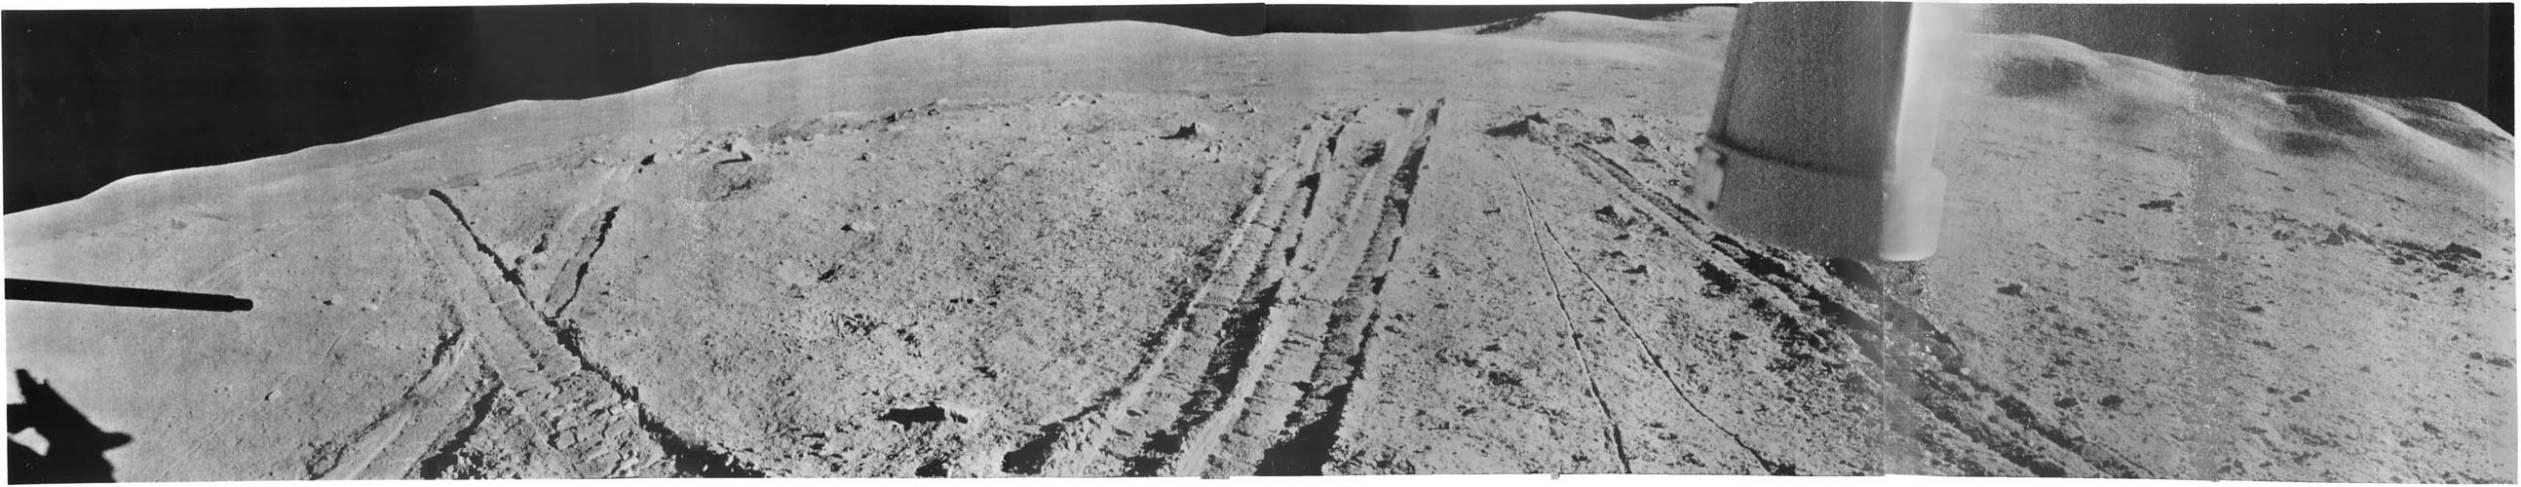 Quand les Soviétiques roulaient sur la Lune